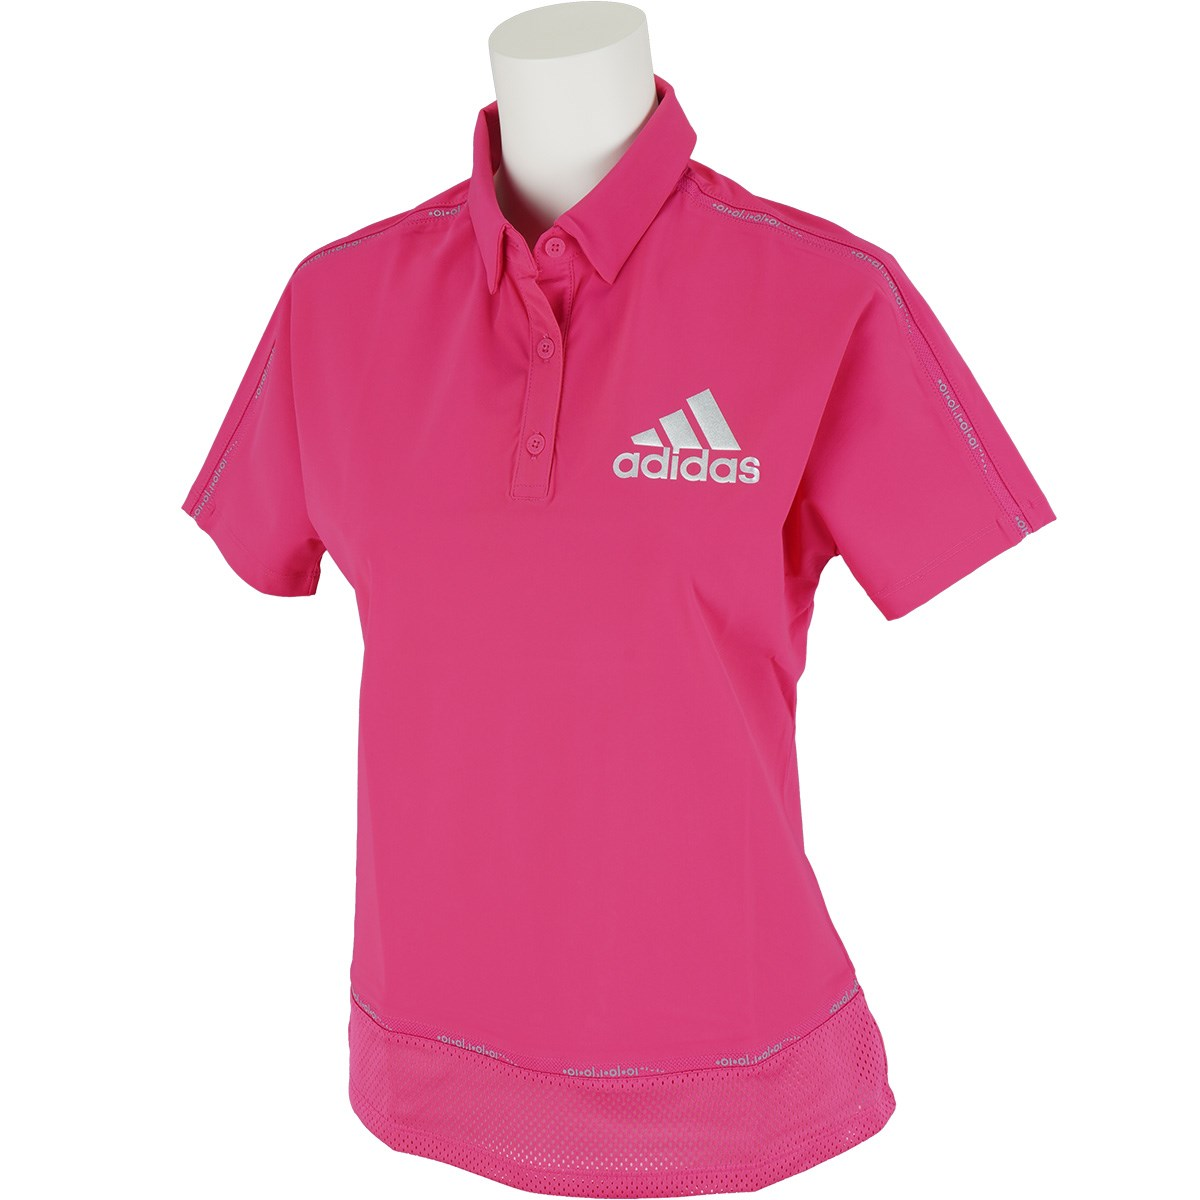 アディダス Adidas ラインド半袖ポロシャツ J/S リアルマジェンダ レディス